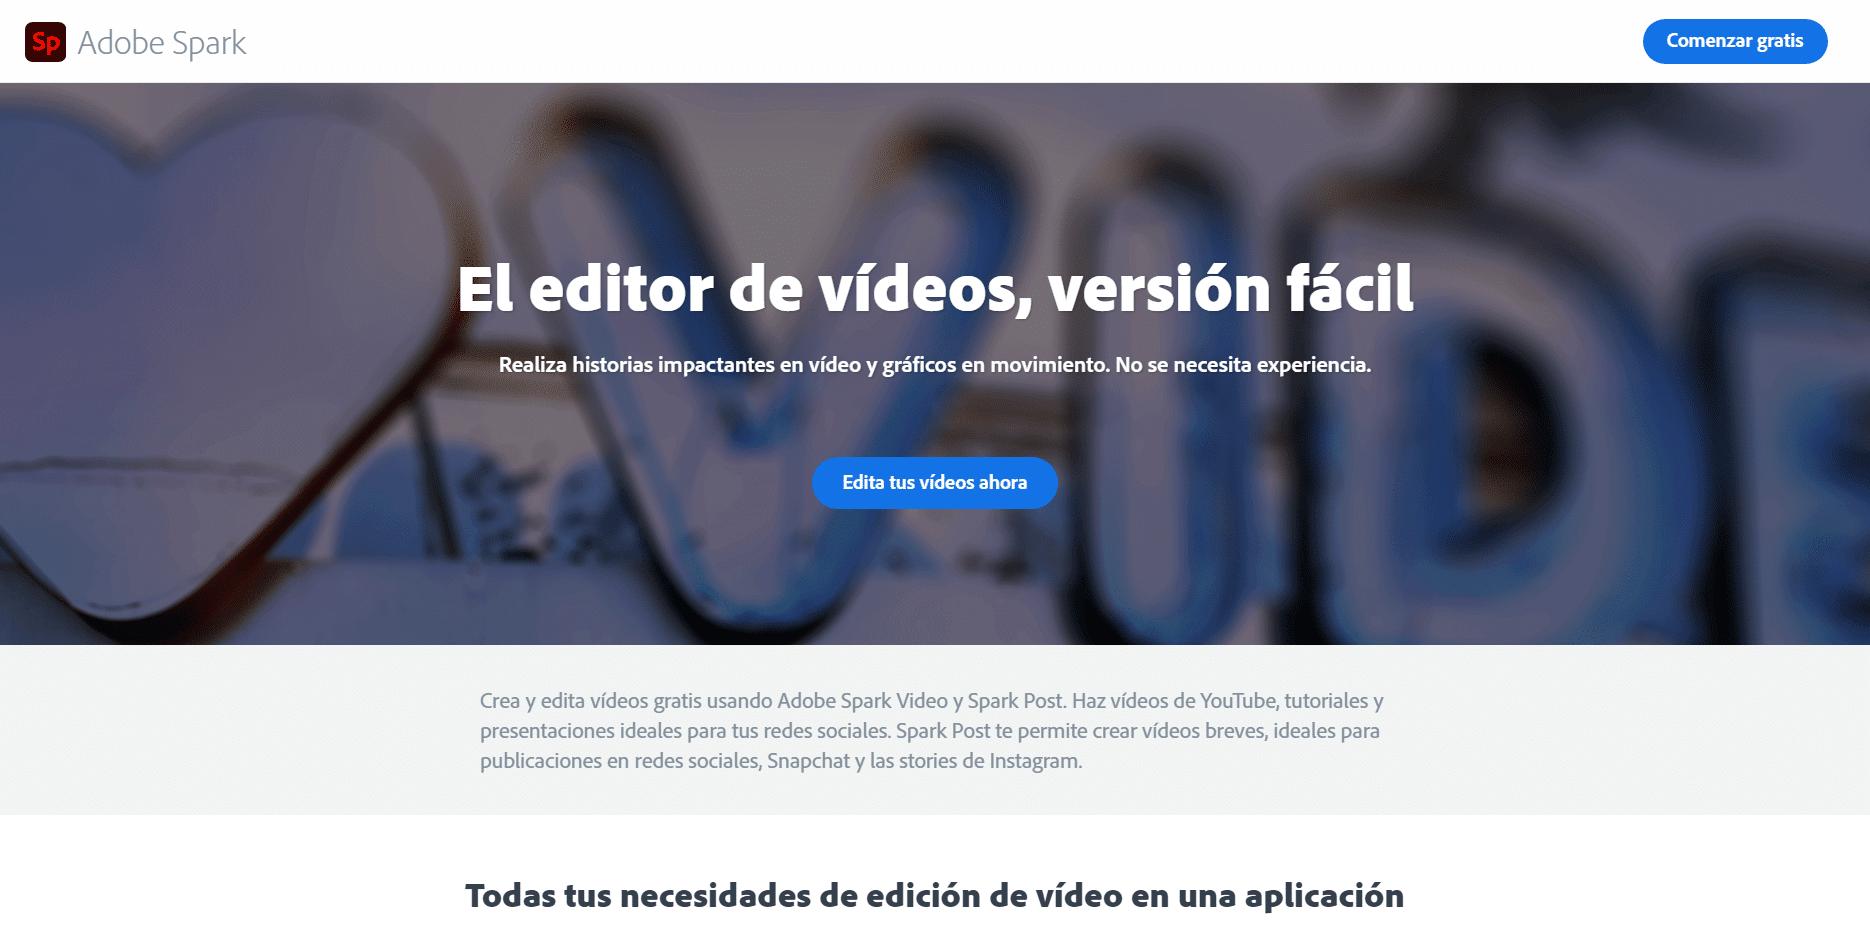 adobe spark - mejor editor de video online gratis